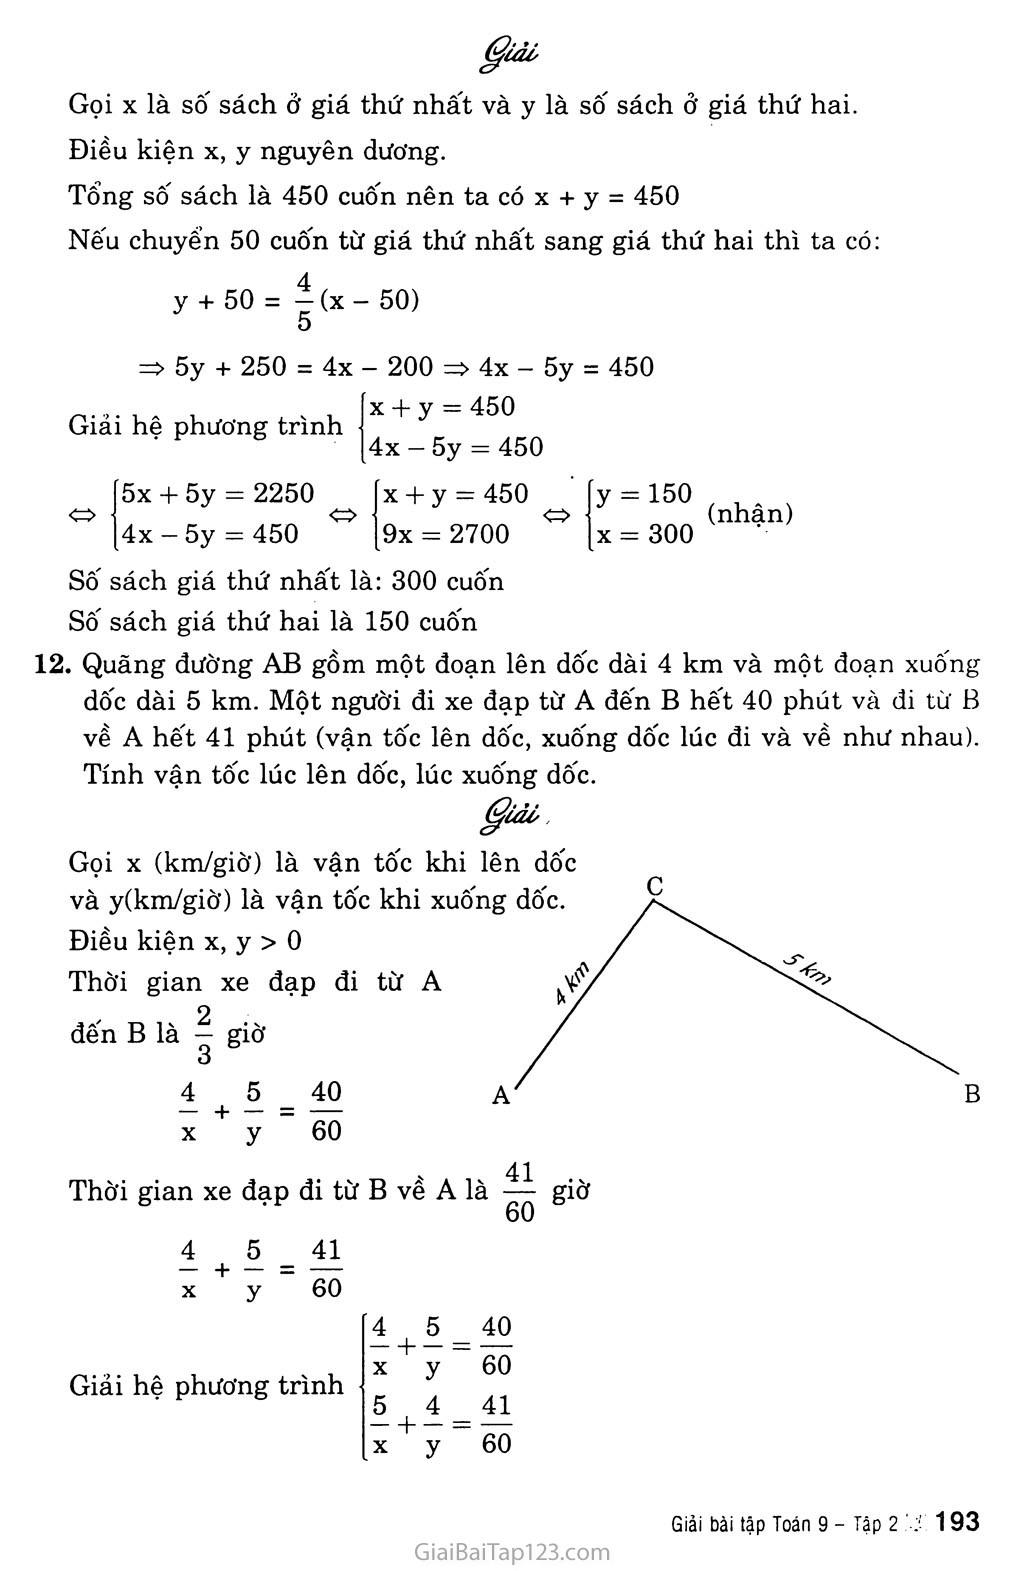 Bài tập ôn cuối năm trang 7